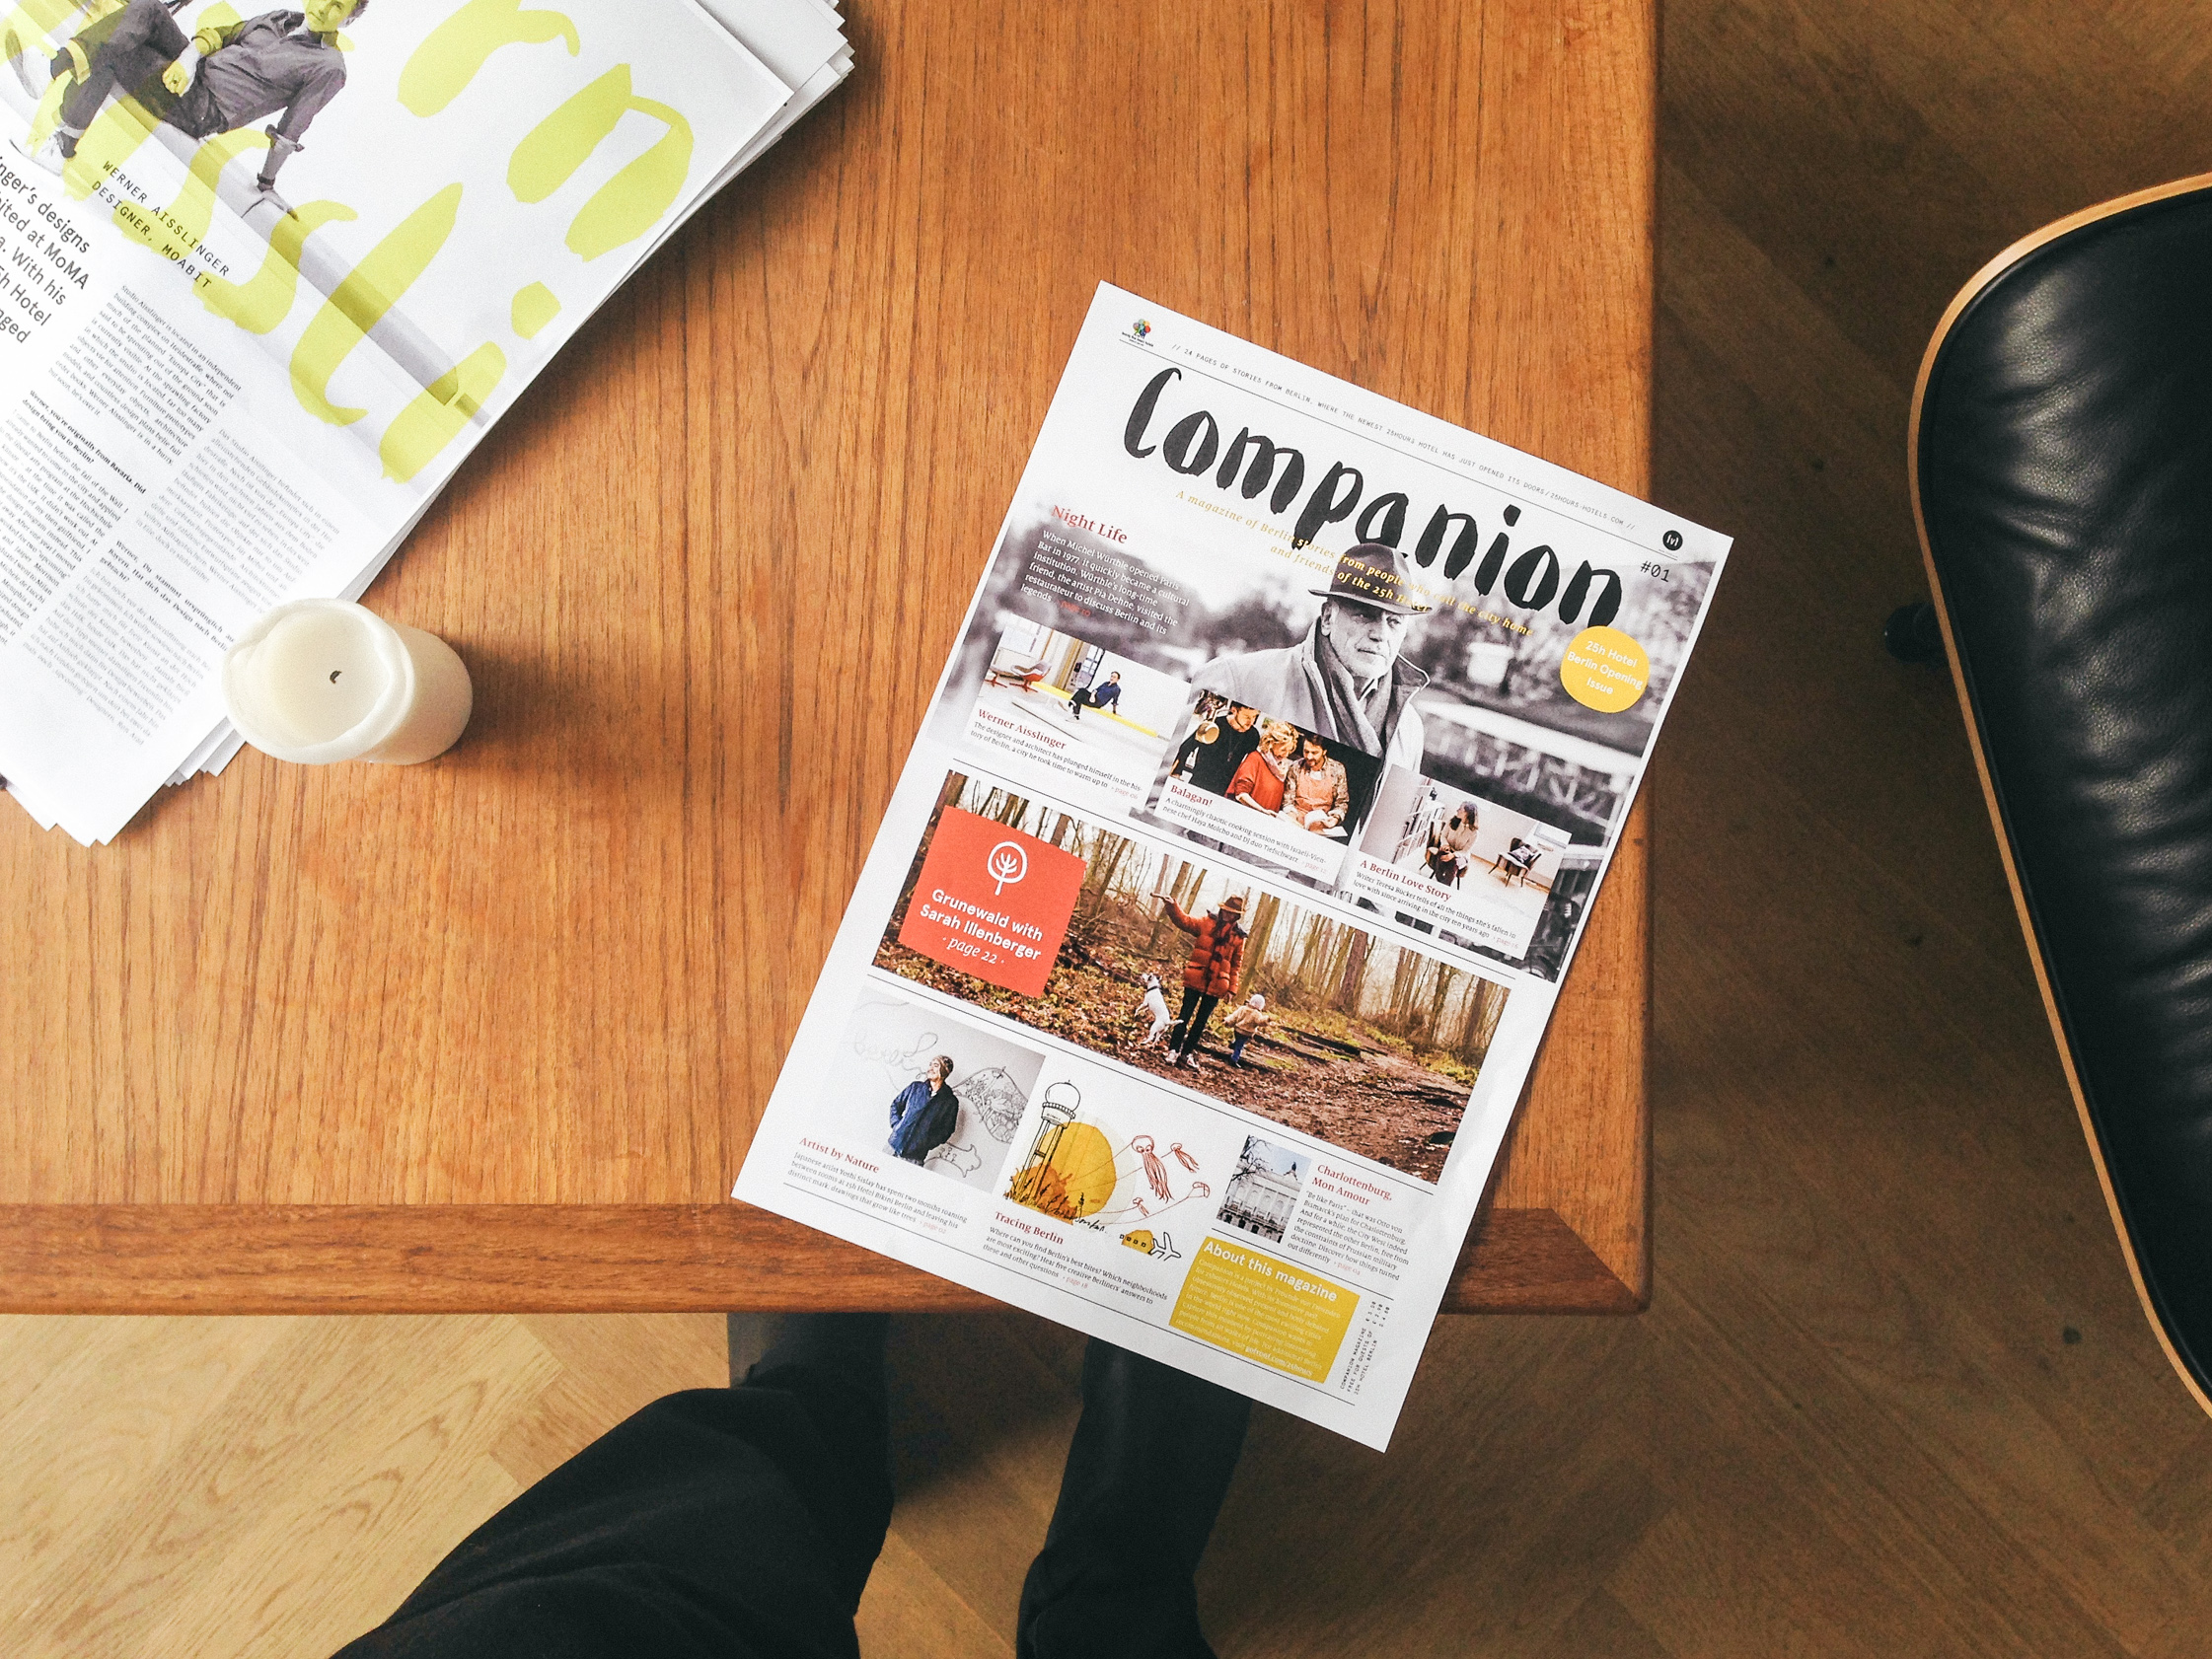 Freunde-von-Freunden-25h-Companion-Magazine--3